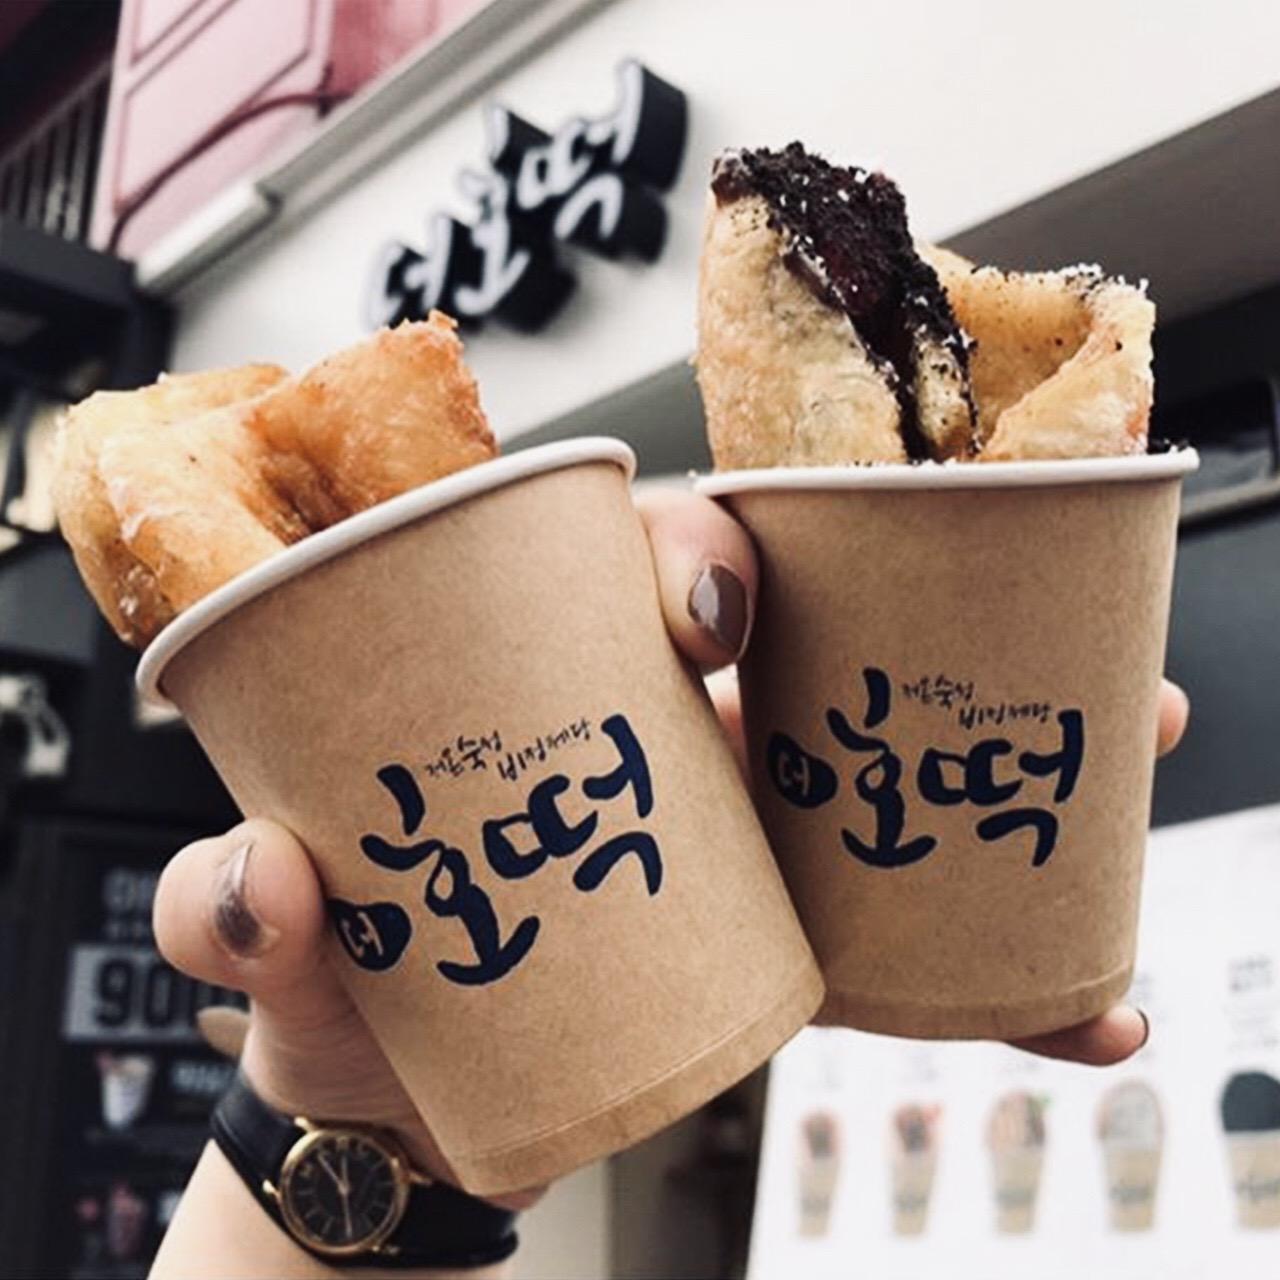 ソウルでおすすめの人気ホットク屋さんはココ!韓国人がほんとに美味しいと絶賛するソウルでおすすめの人気ホットク屋さん8選!